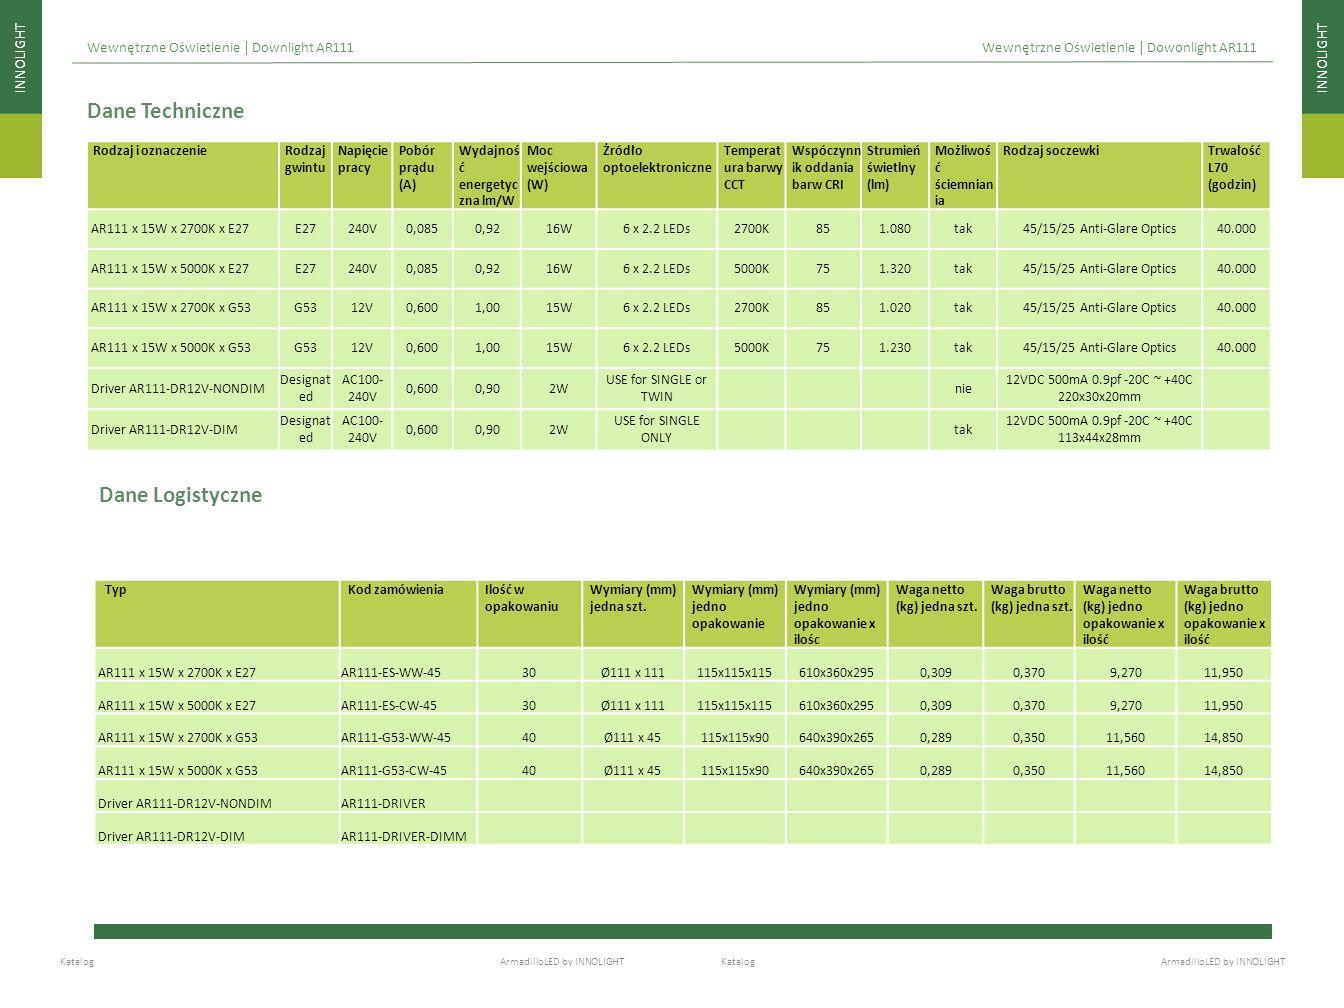 Dane Techniczne Dane Logistyczne INNOLIGHT INNOLIGHT